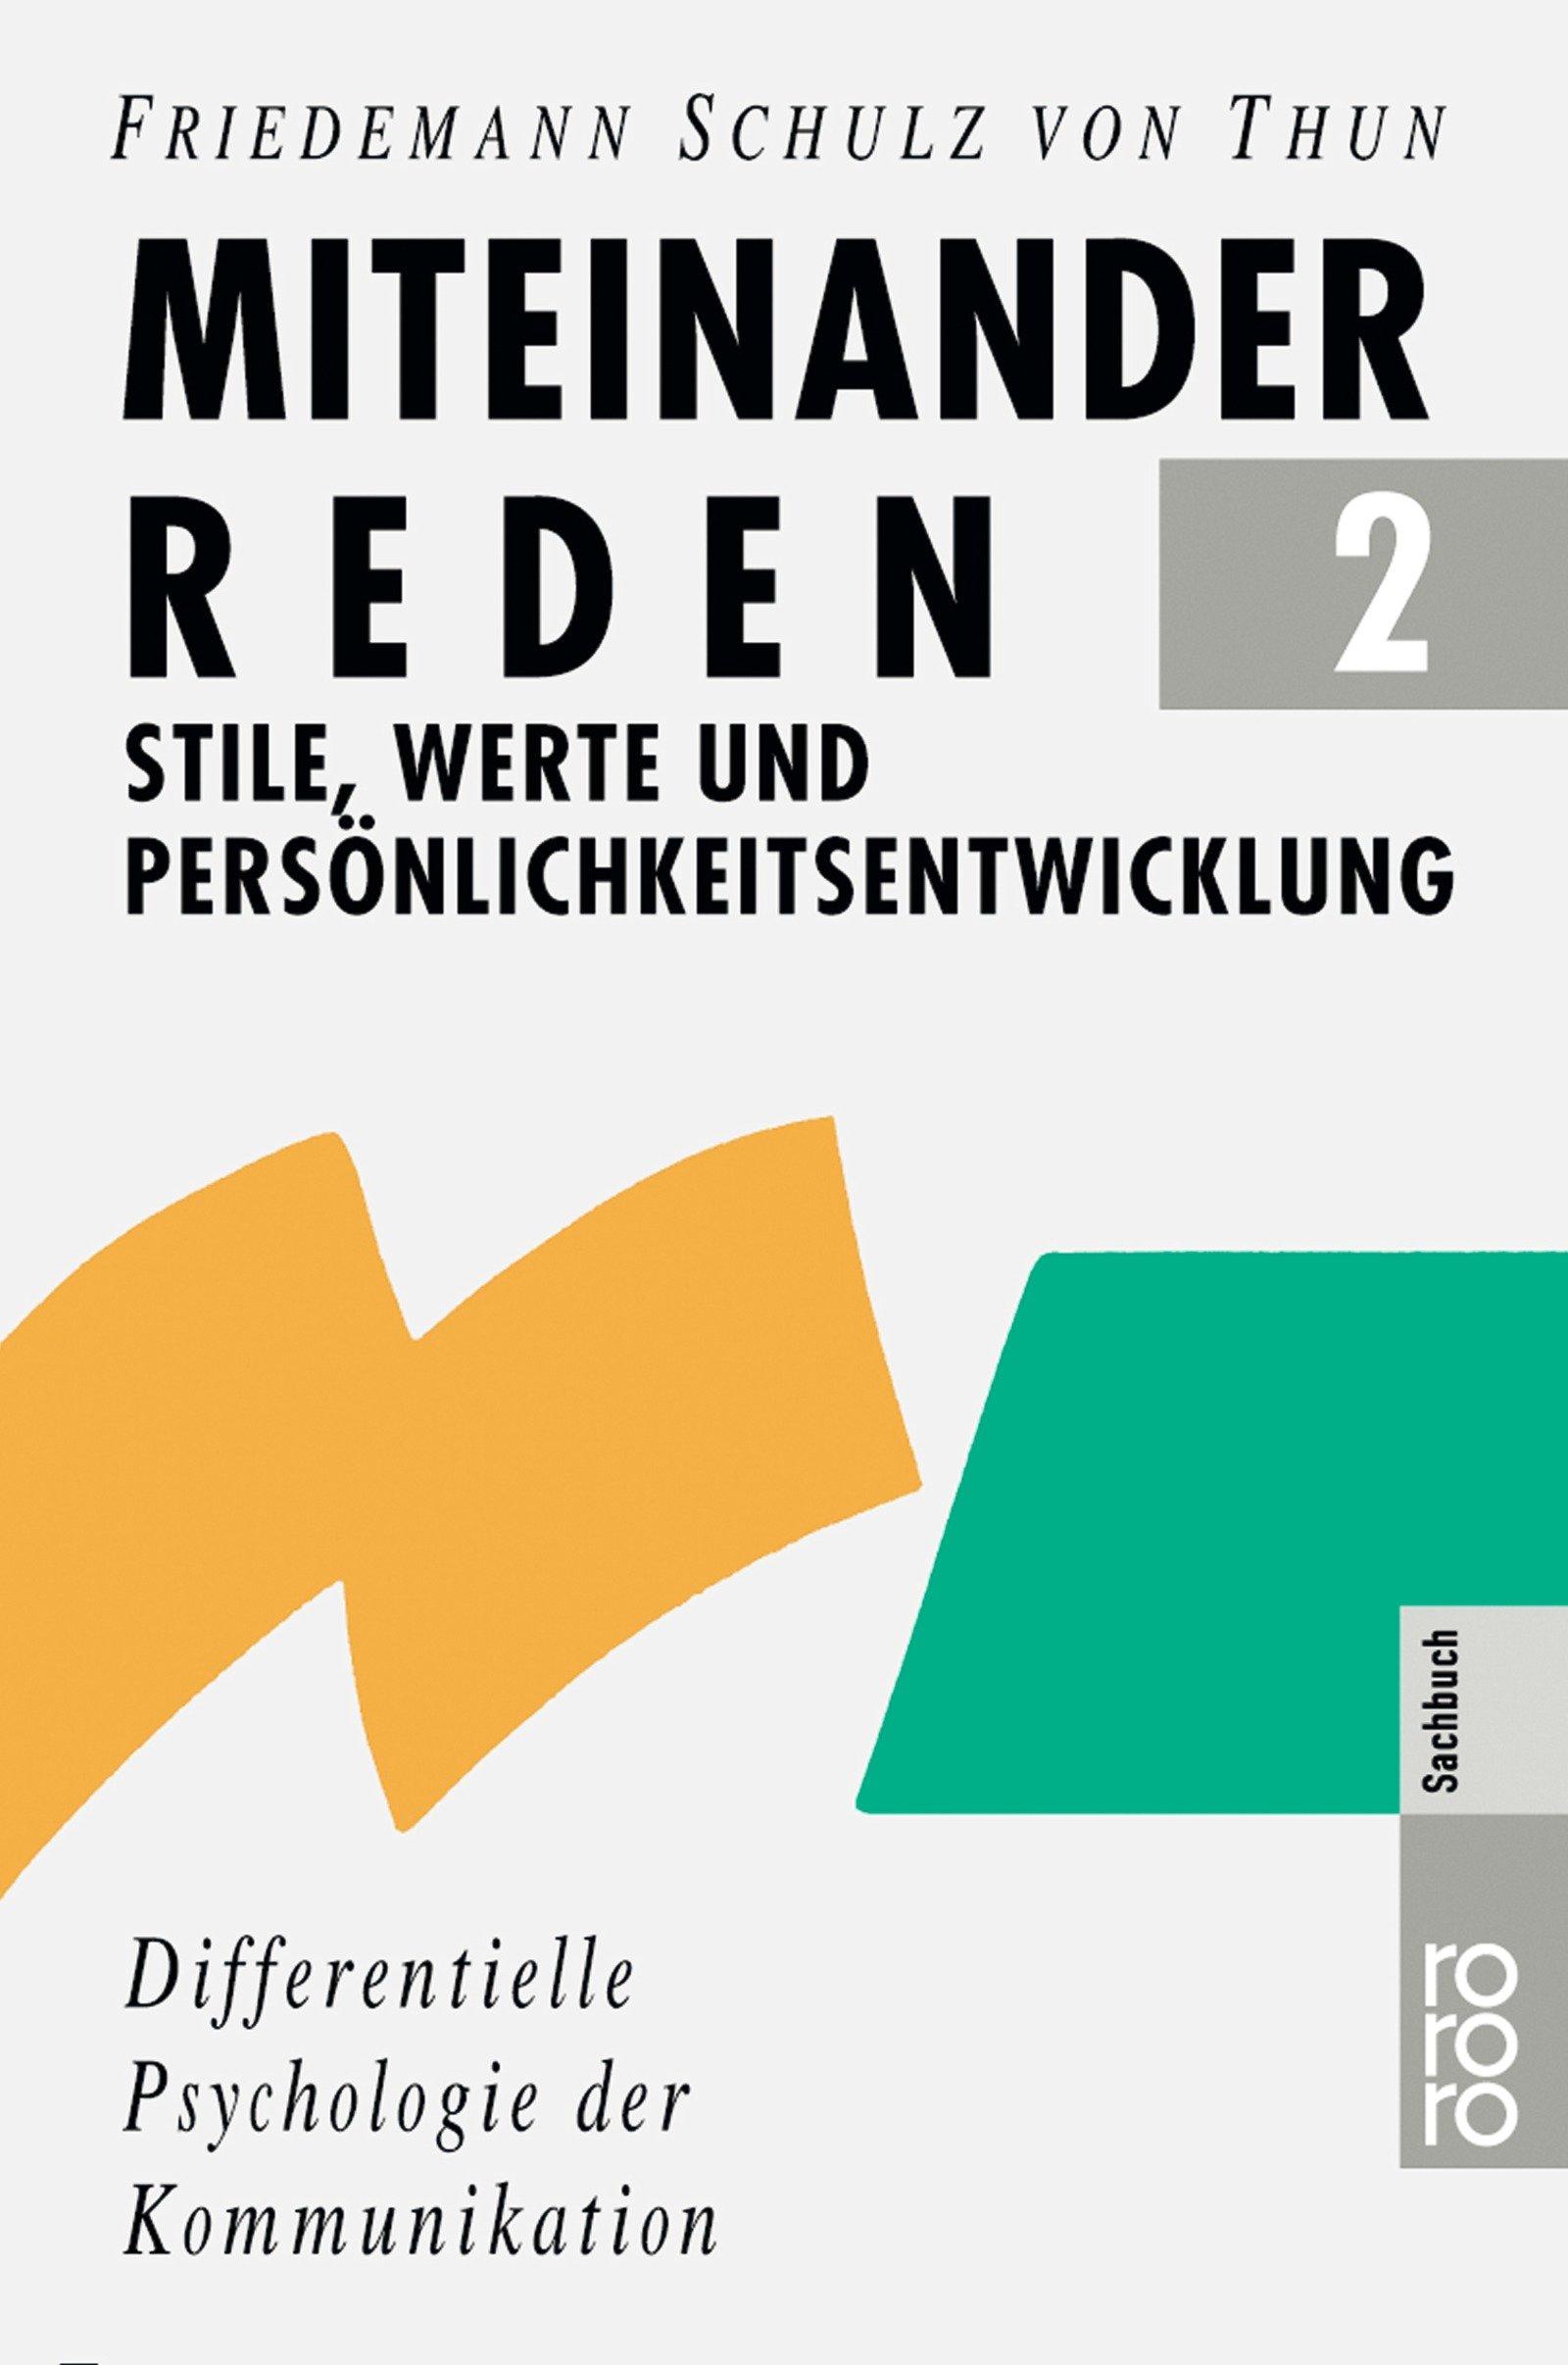 Miteinander reden 2: Stile, Werte und Persönlichkeitsentwicklung: Differentielle Psychologie der Kommunikation Taschenbuch – März 2010 Friedemann Schulz von Thun Rowohlt Taschenbuch 3499184966 NU-KAQ-00526560